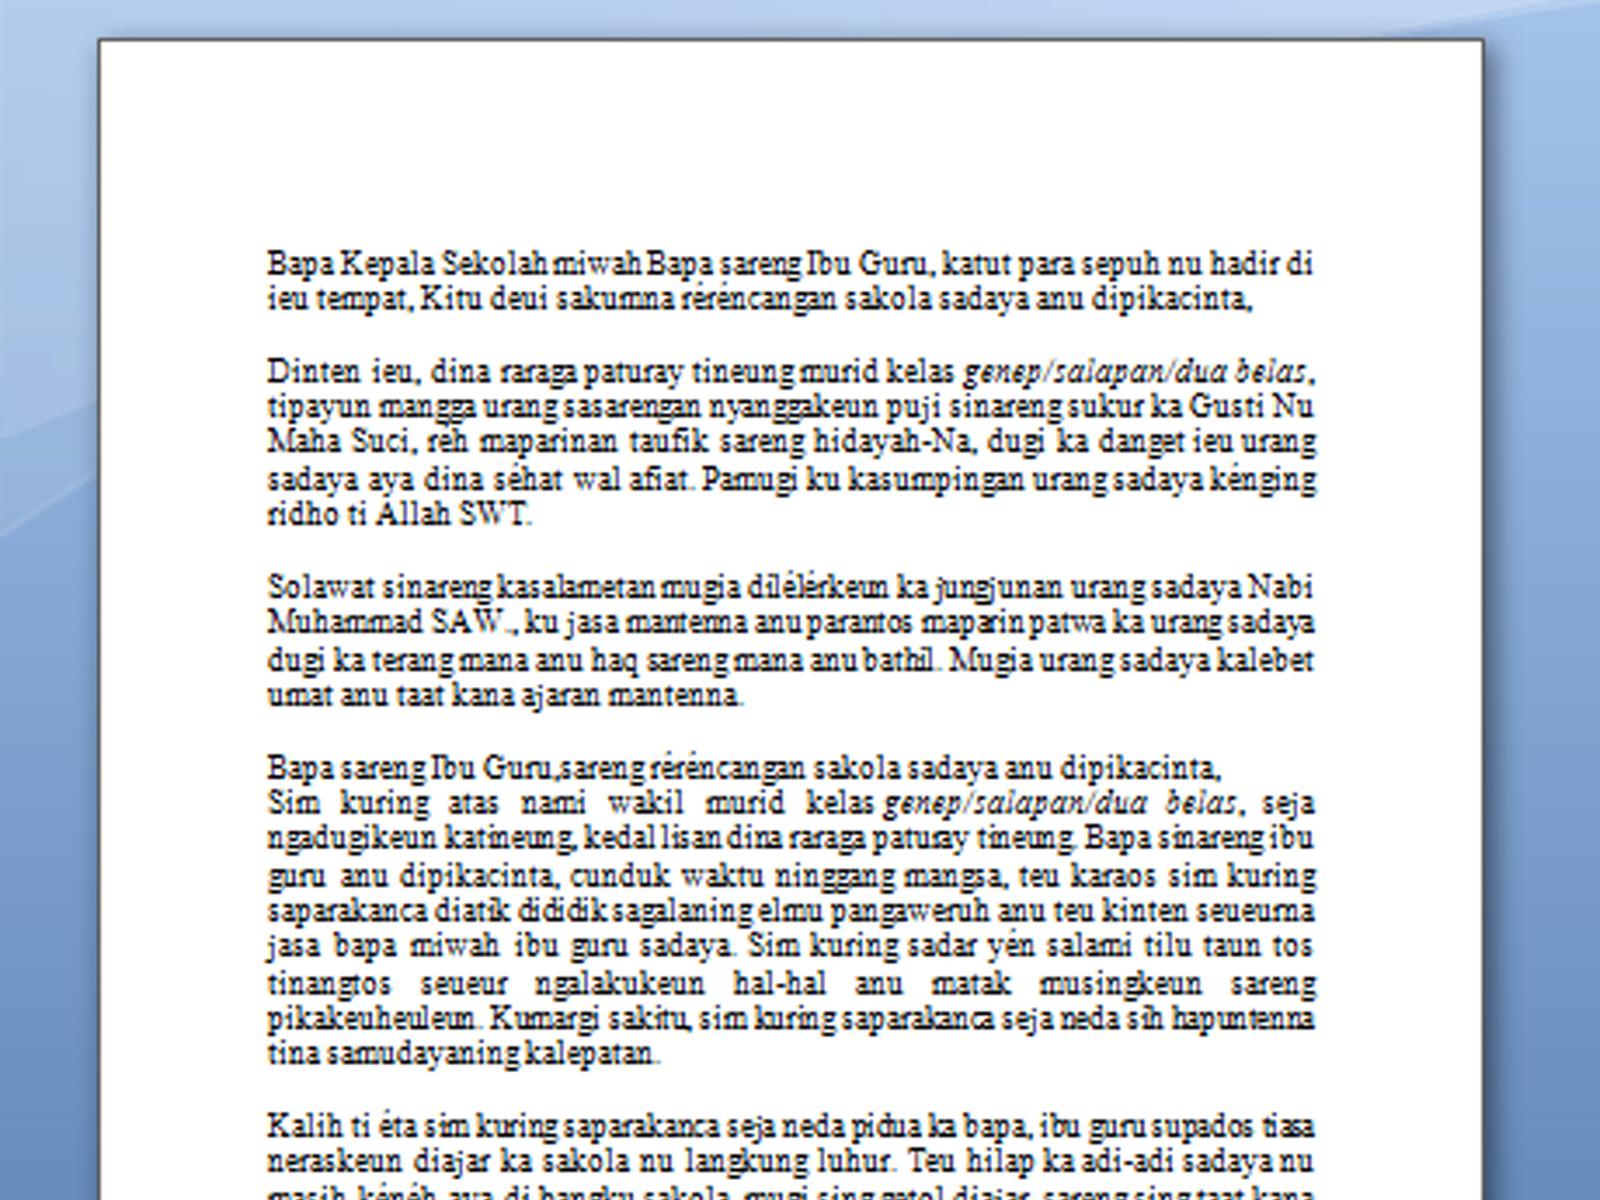 Contoh Naskah Pidato Perpisahan Sekolah dalam Bahasa Sunda